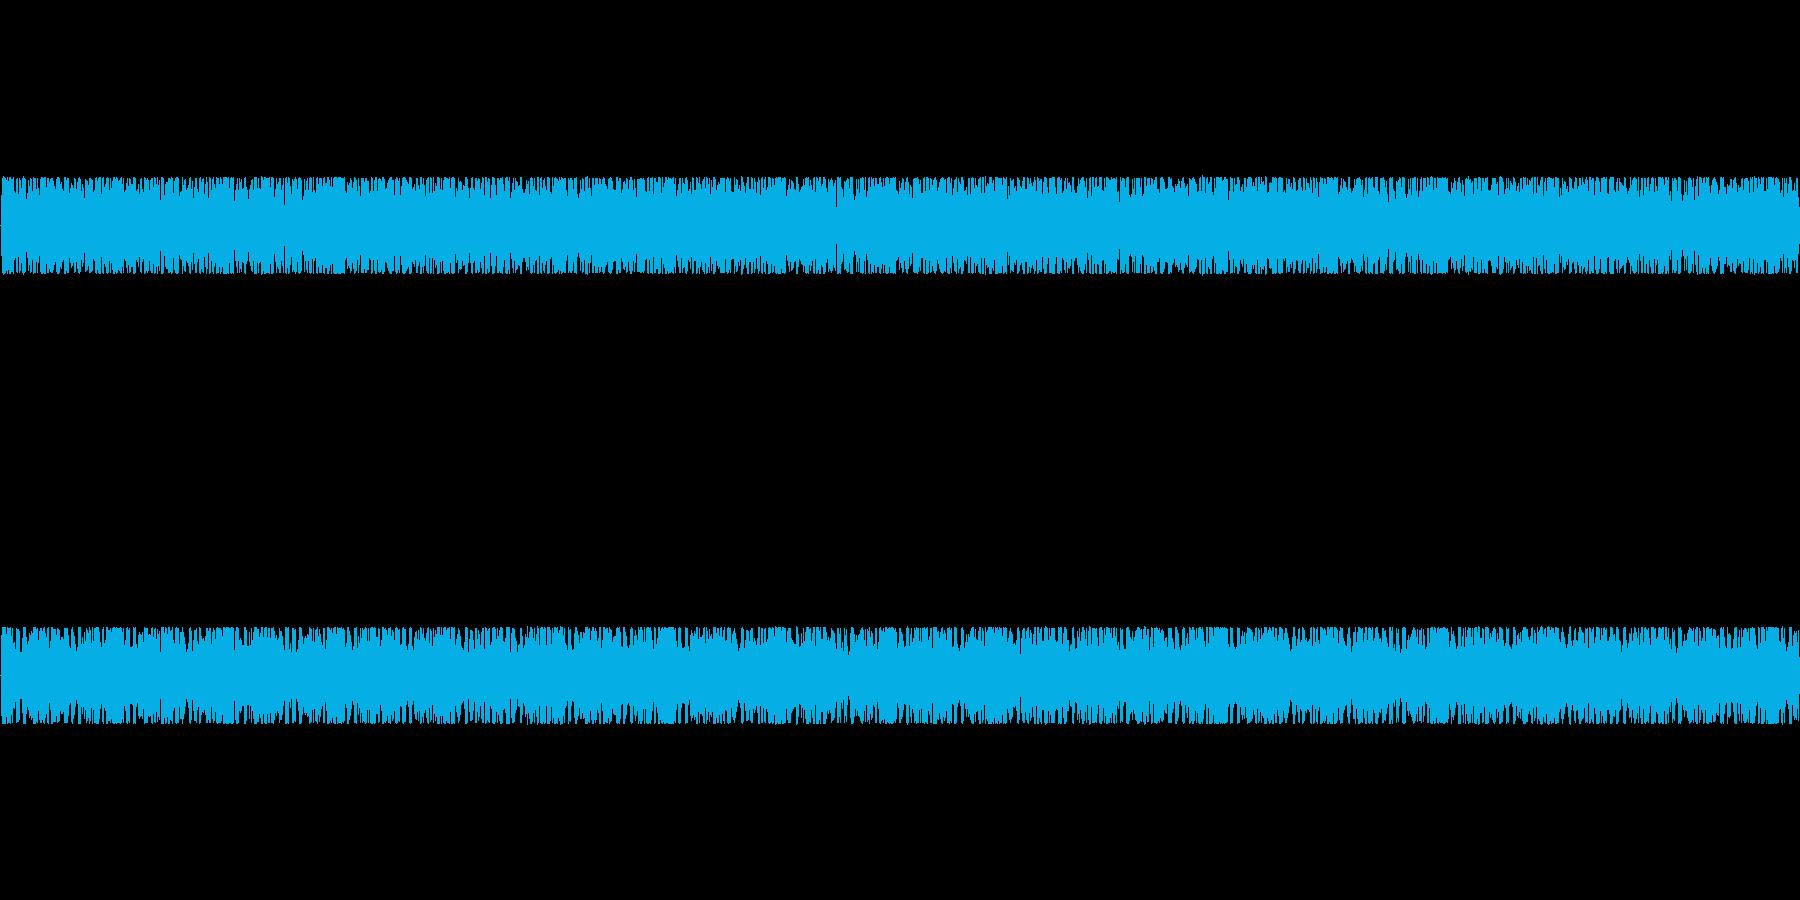 「ループ音源シリーズ」旅路を行く楽団が…の再生済みの波形